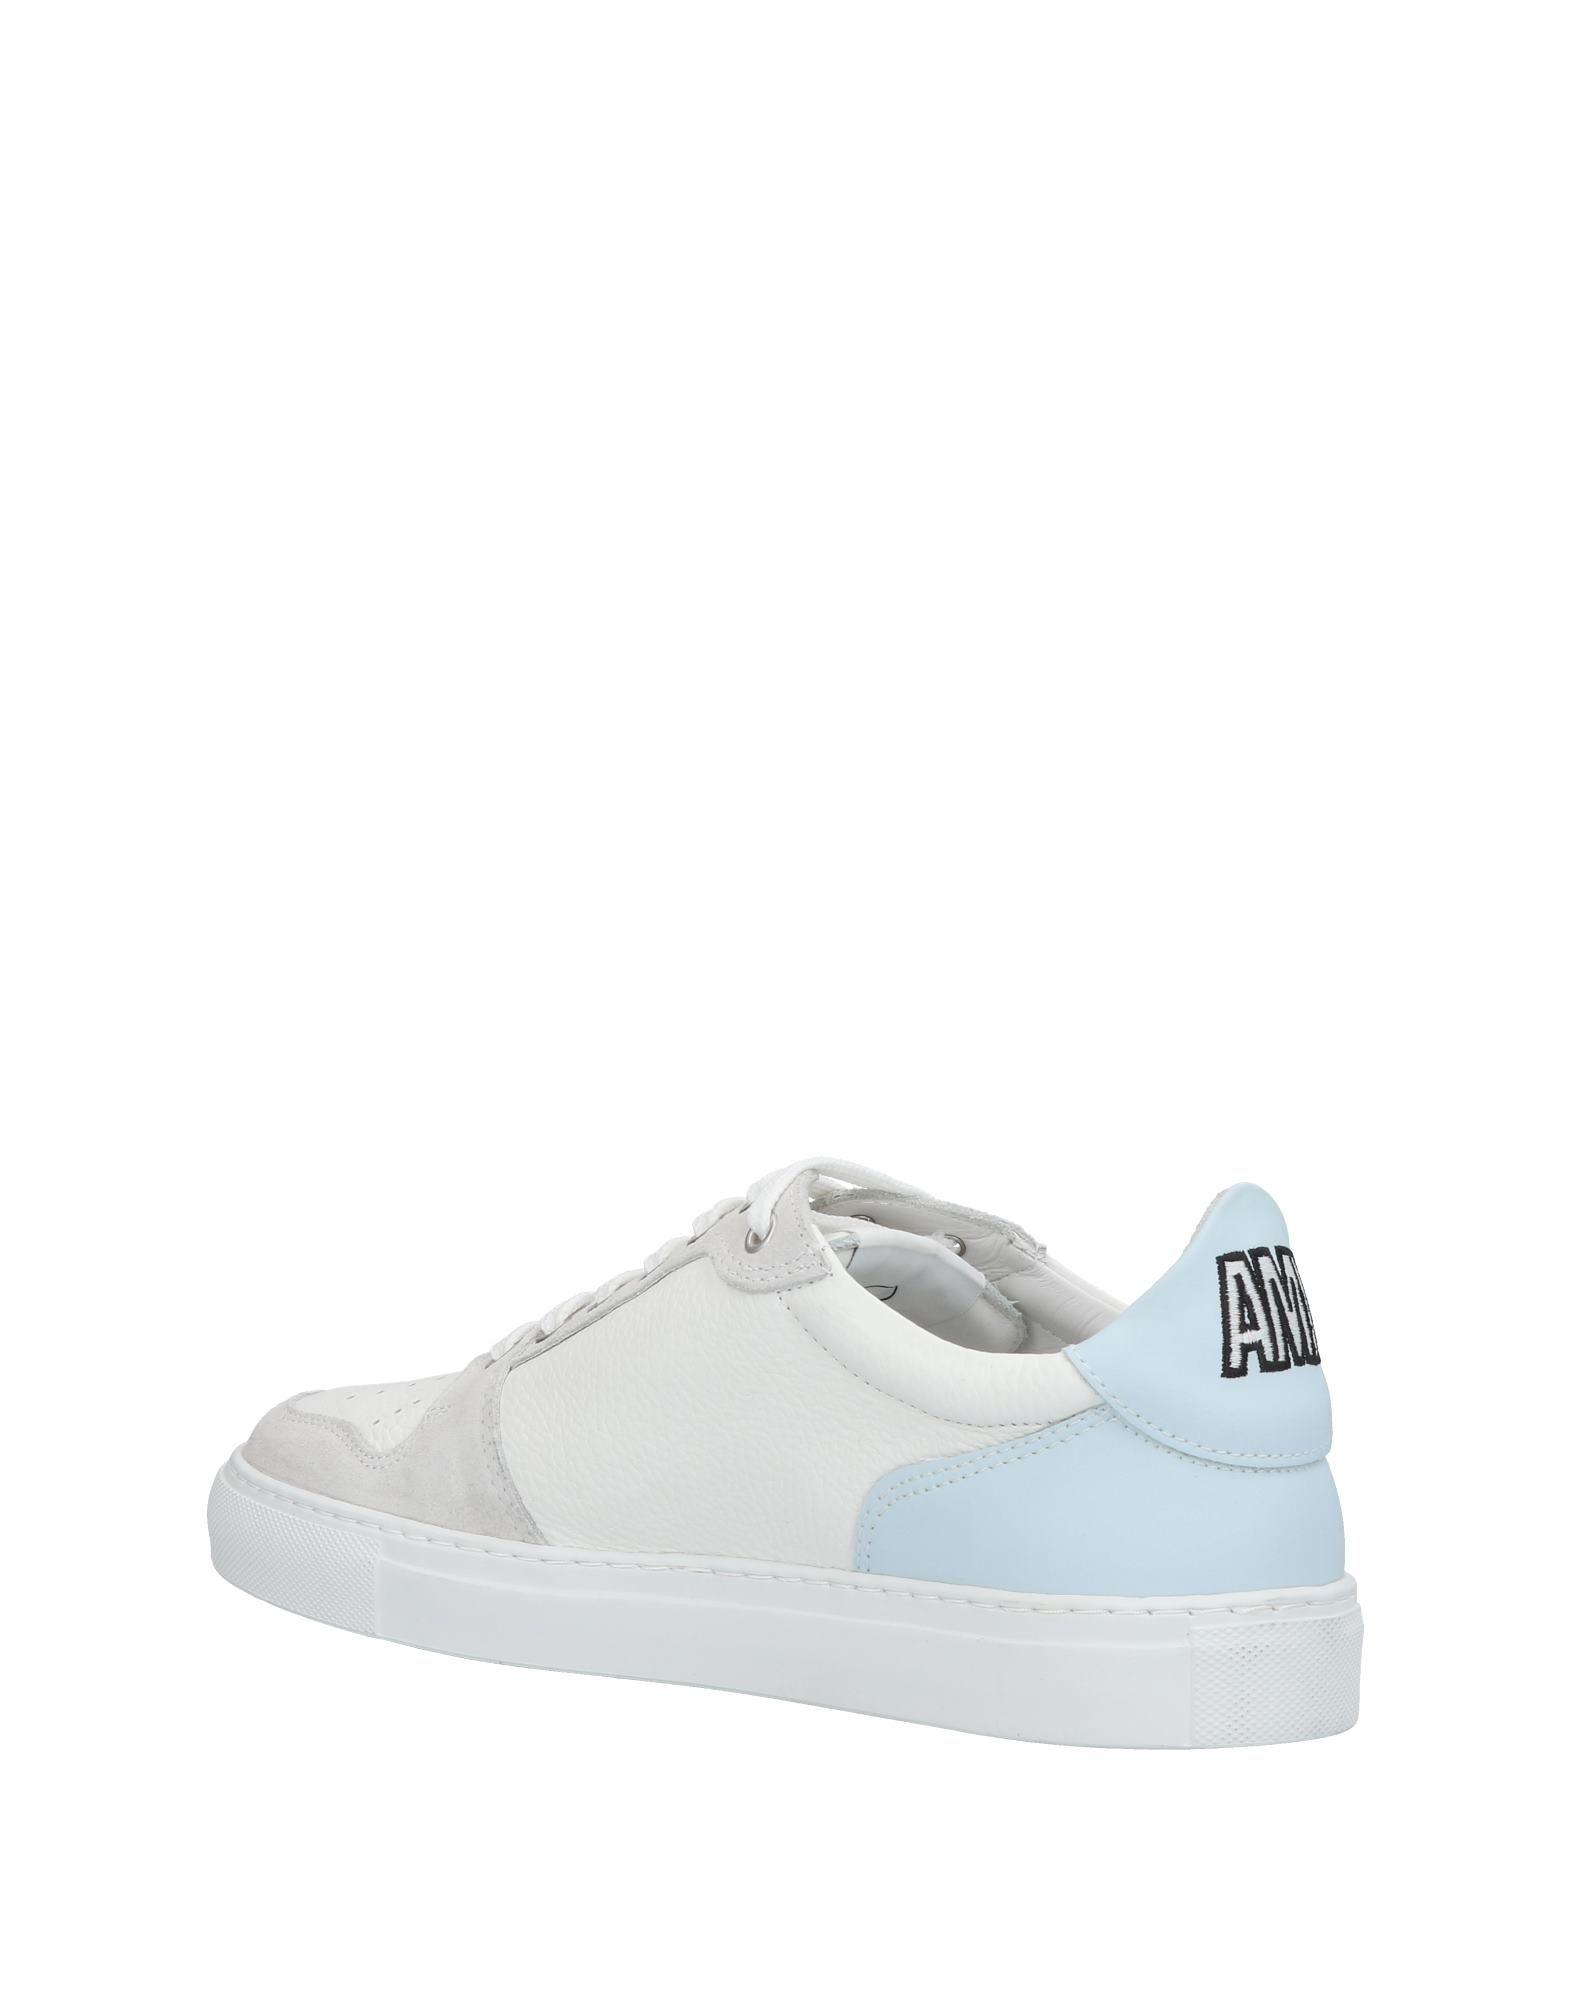 Ami Alexandre Herren Mattiussi Sneakers Herren Alexandre  11423836QP Neue Schuhe 2ec82c